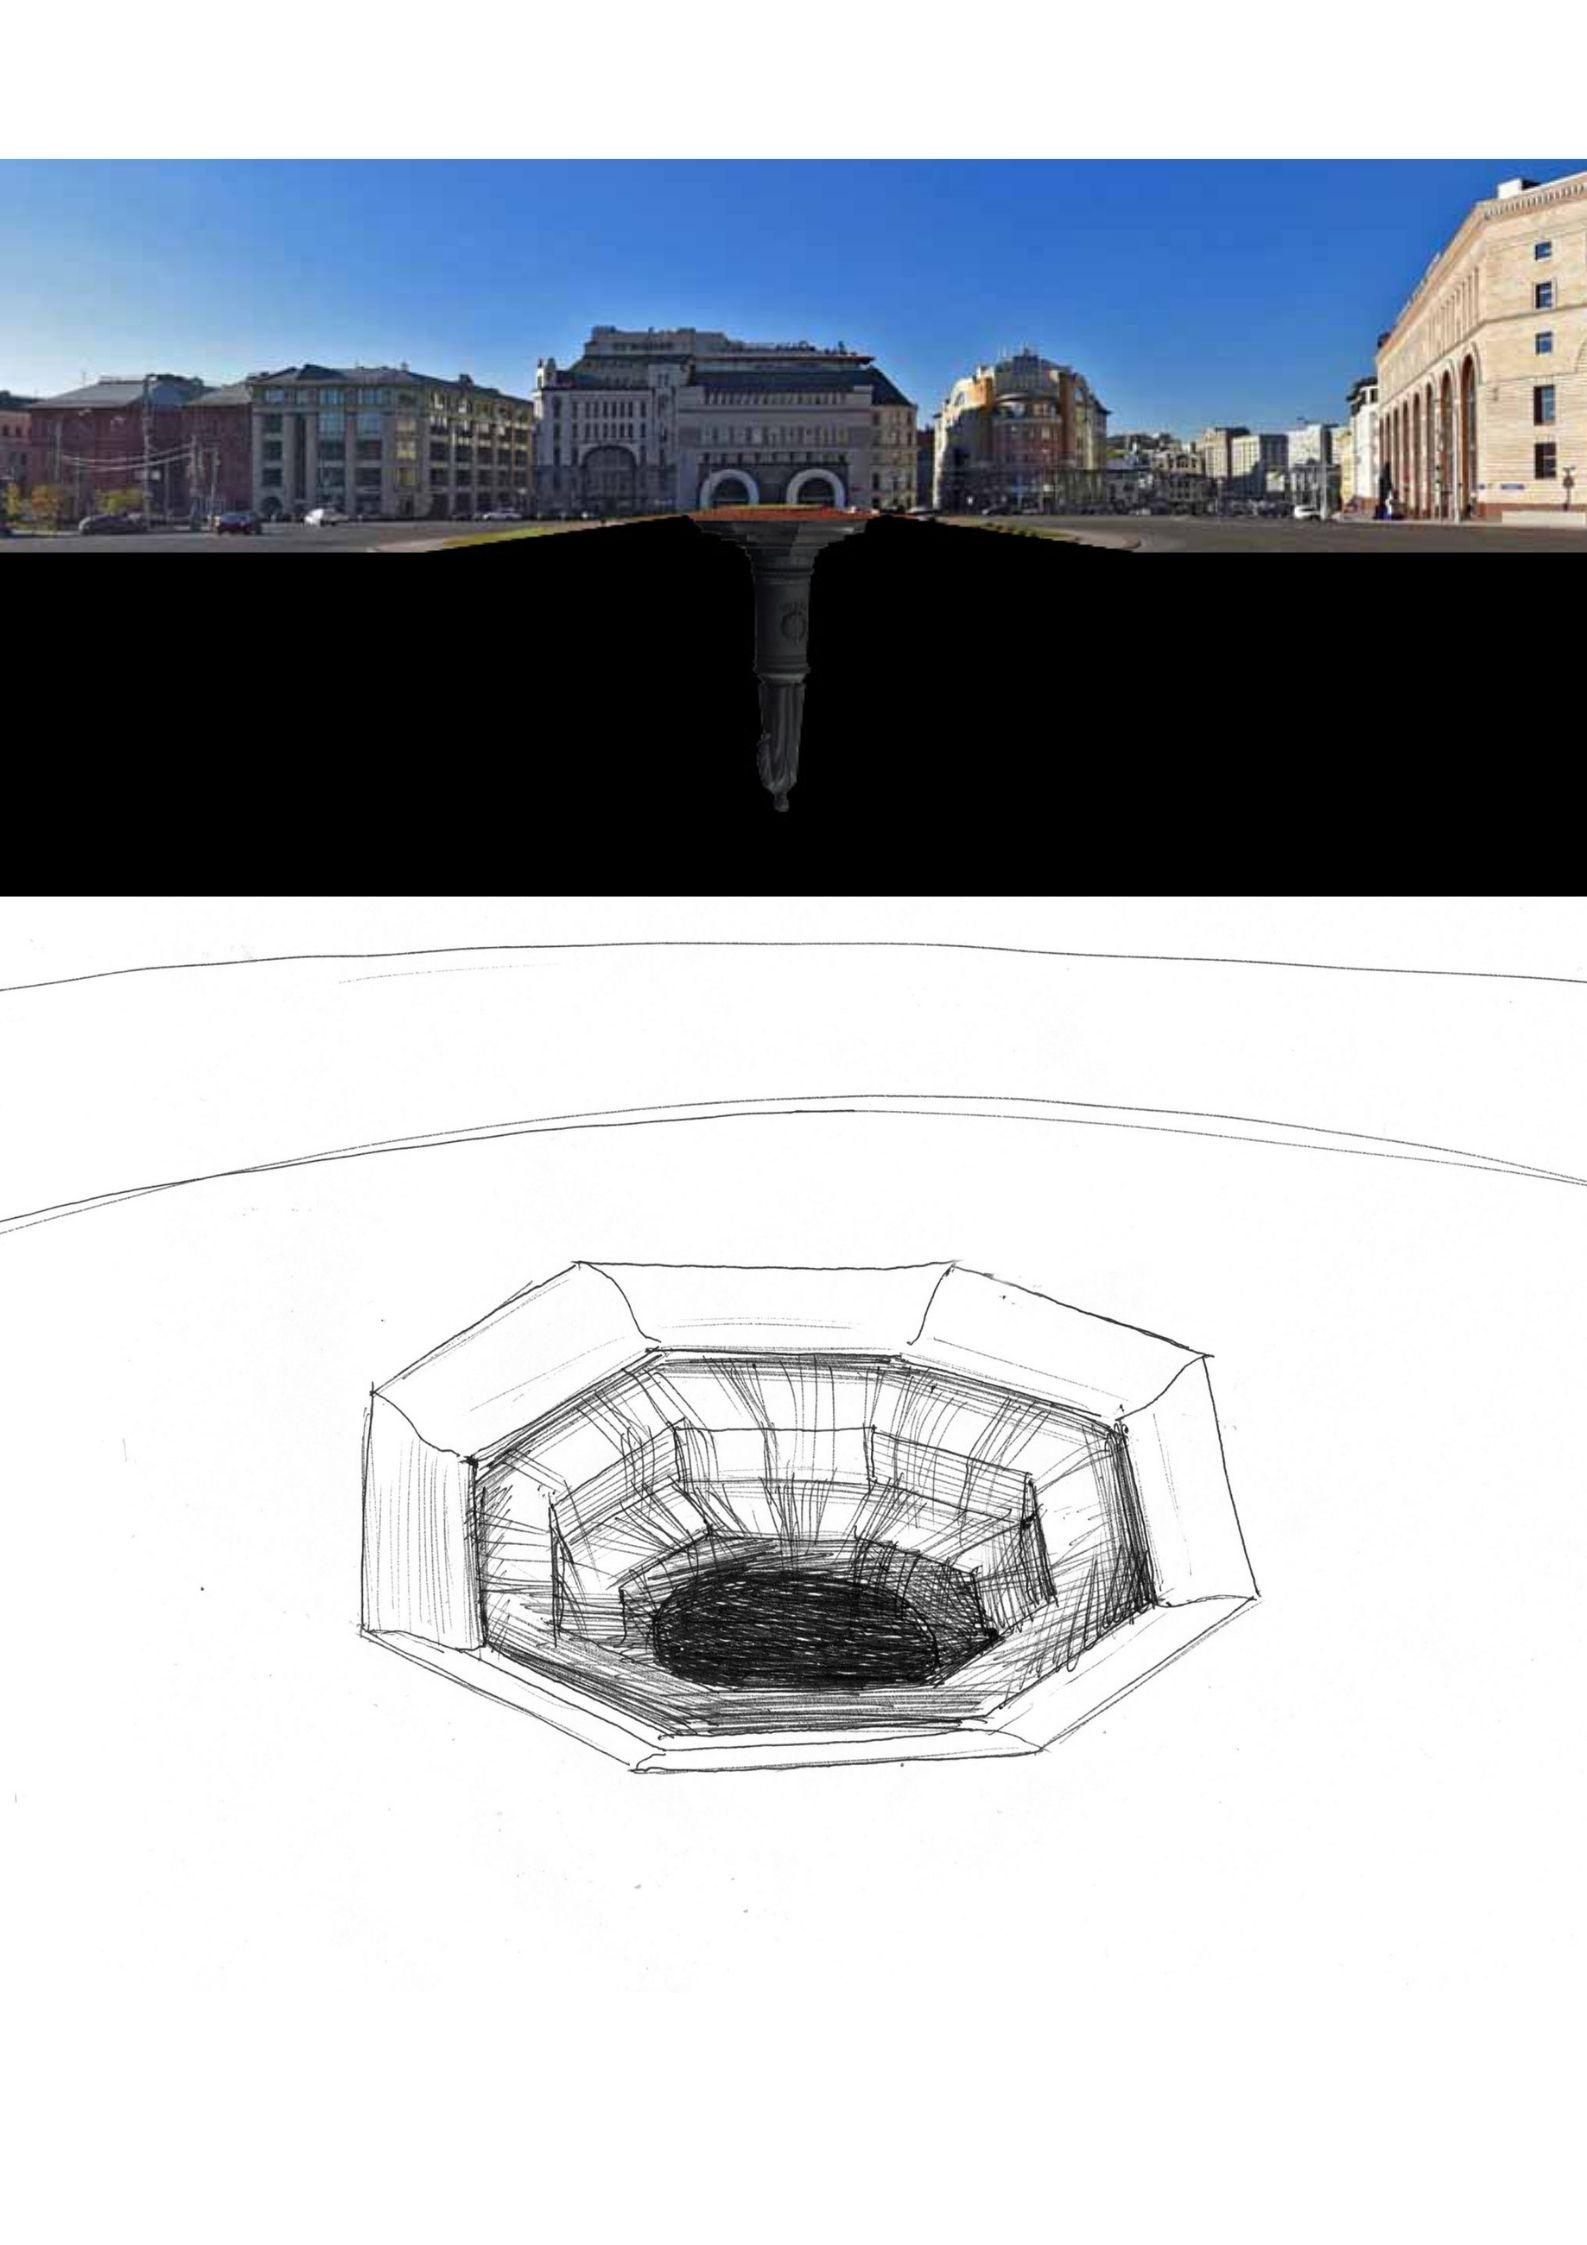 Лубянская площадь с памятником Дзержинскому глазами Павла Отдельнова